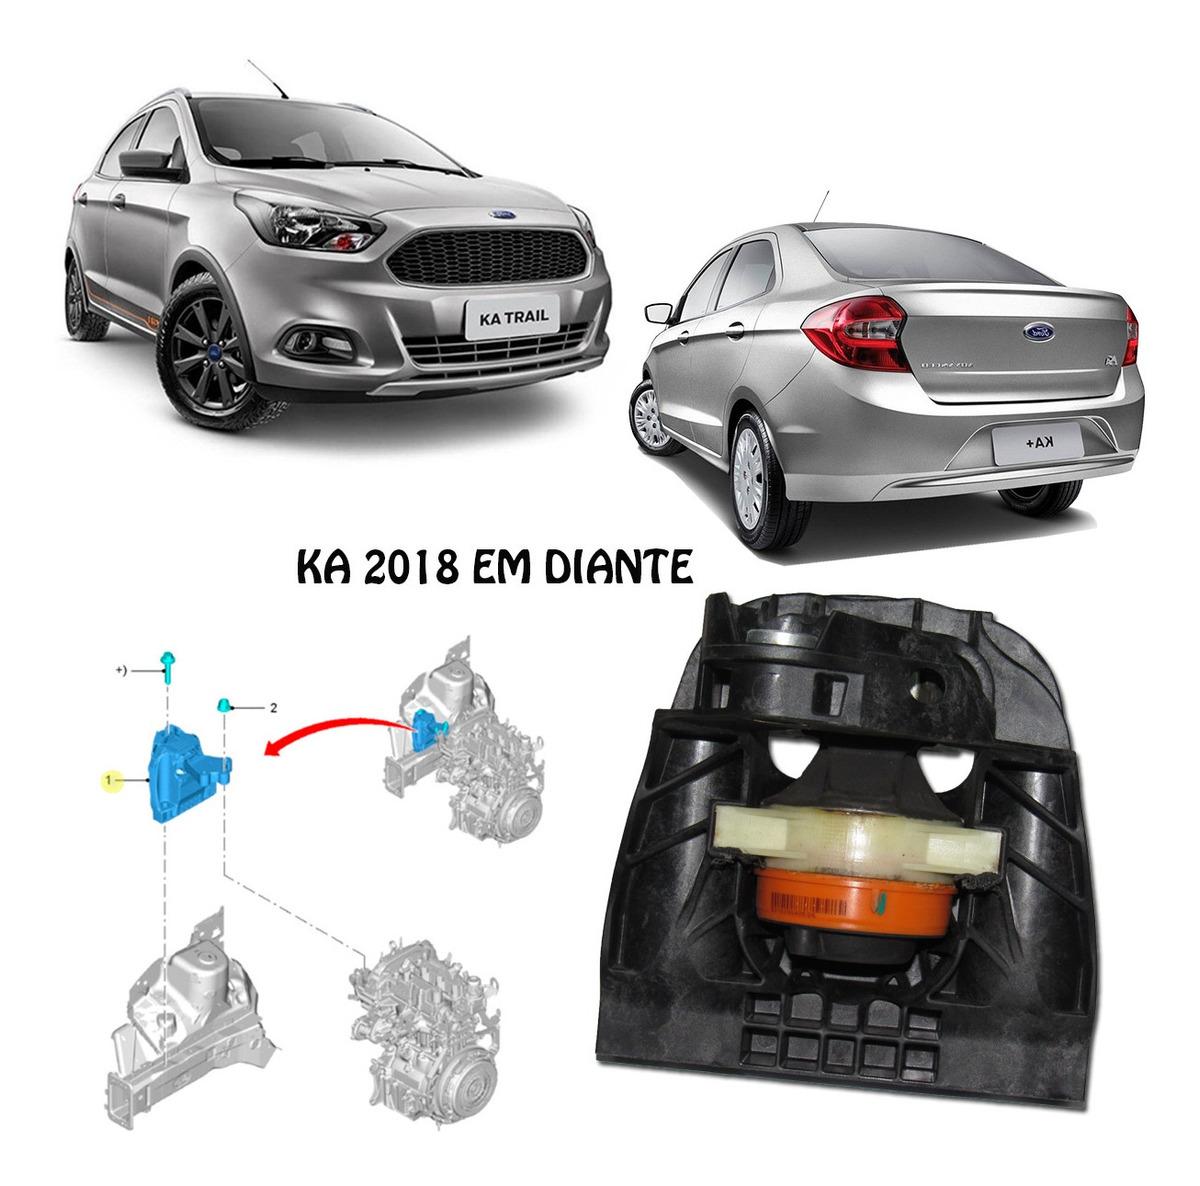 Coxim Motor Lado Direito Ka 2019 Em Diante 1 5 Dragon R 591 95